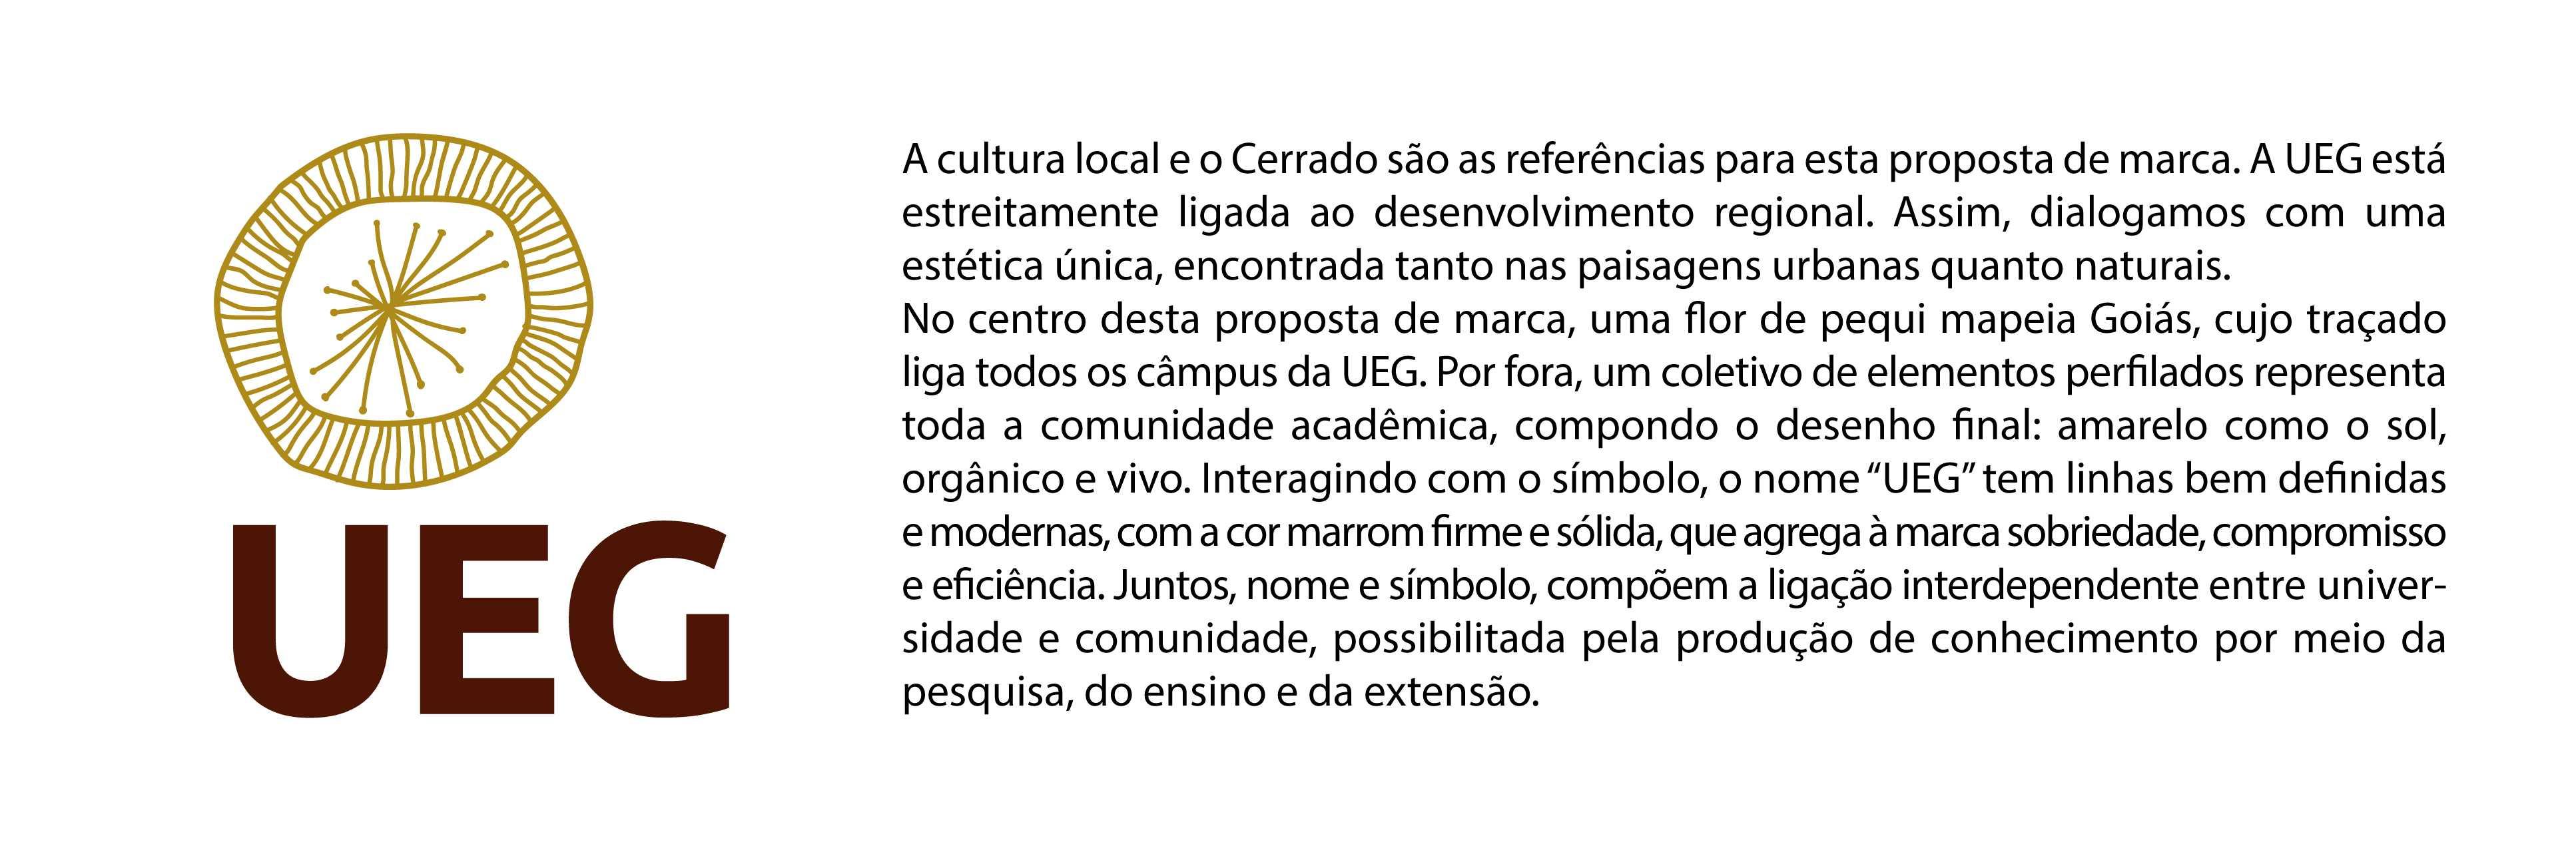 MARCA_3__Escolha_nova_marca